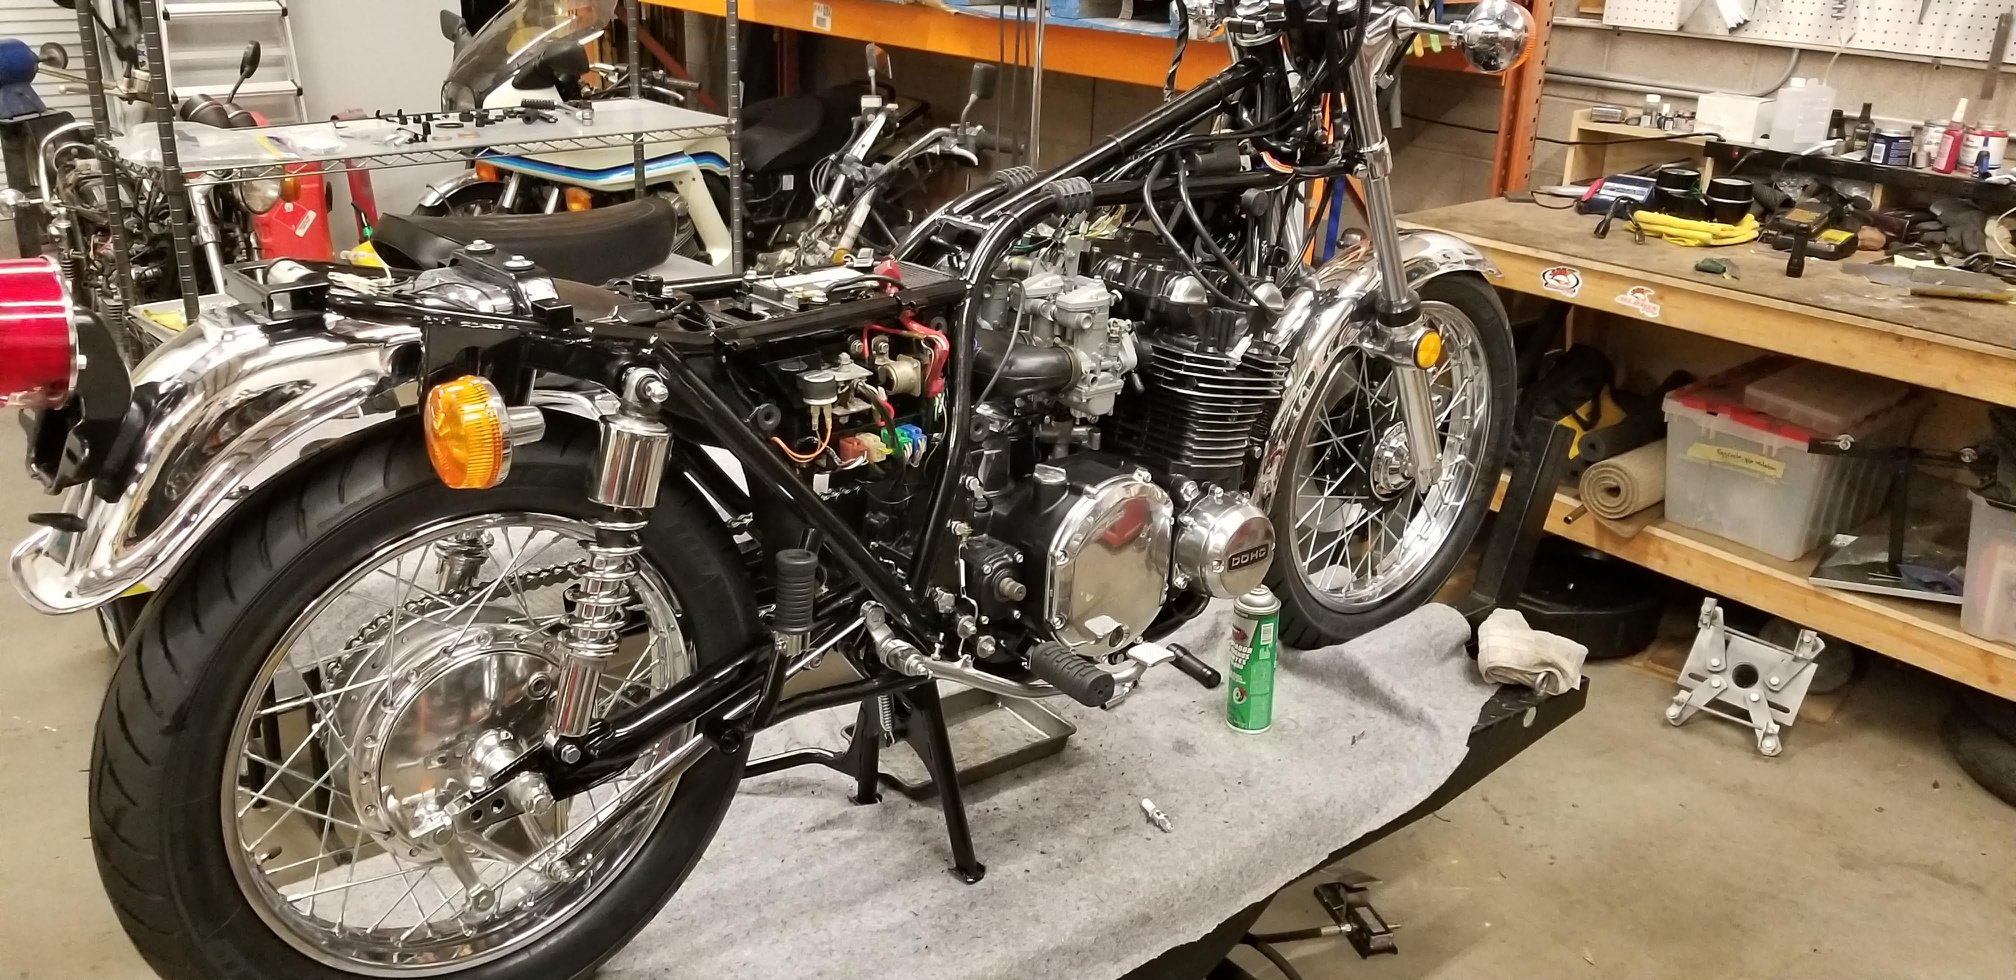 THAT looks like a bike!